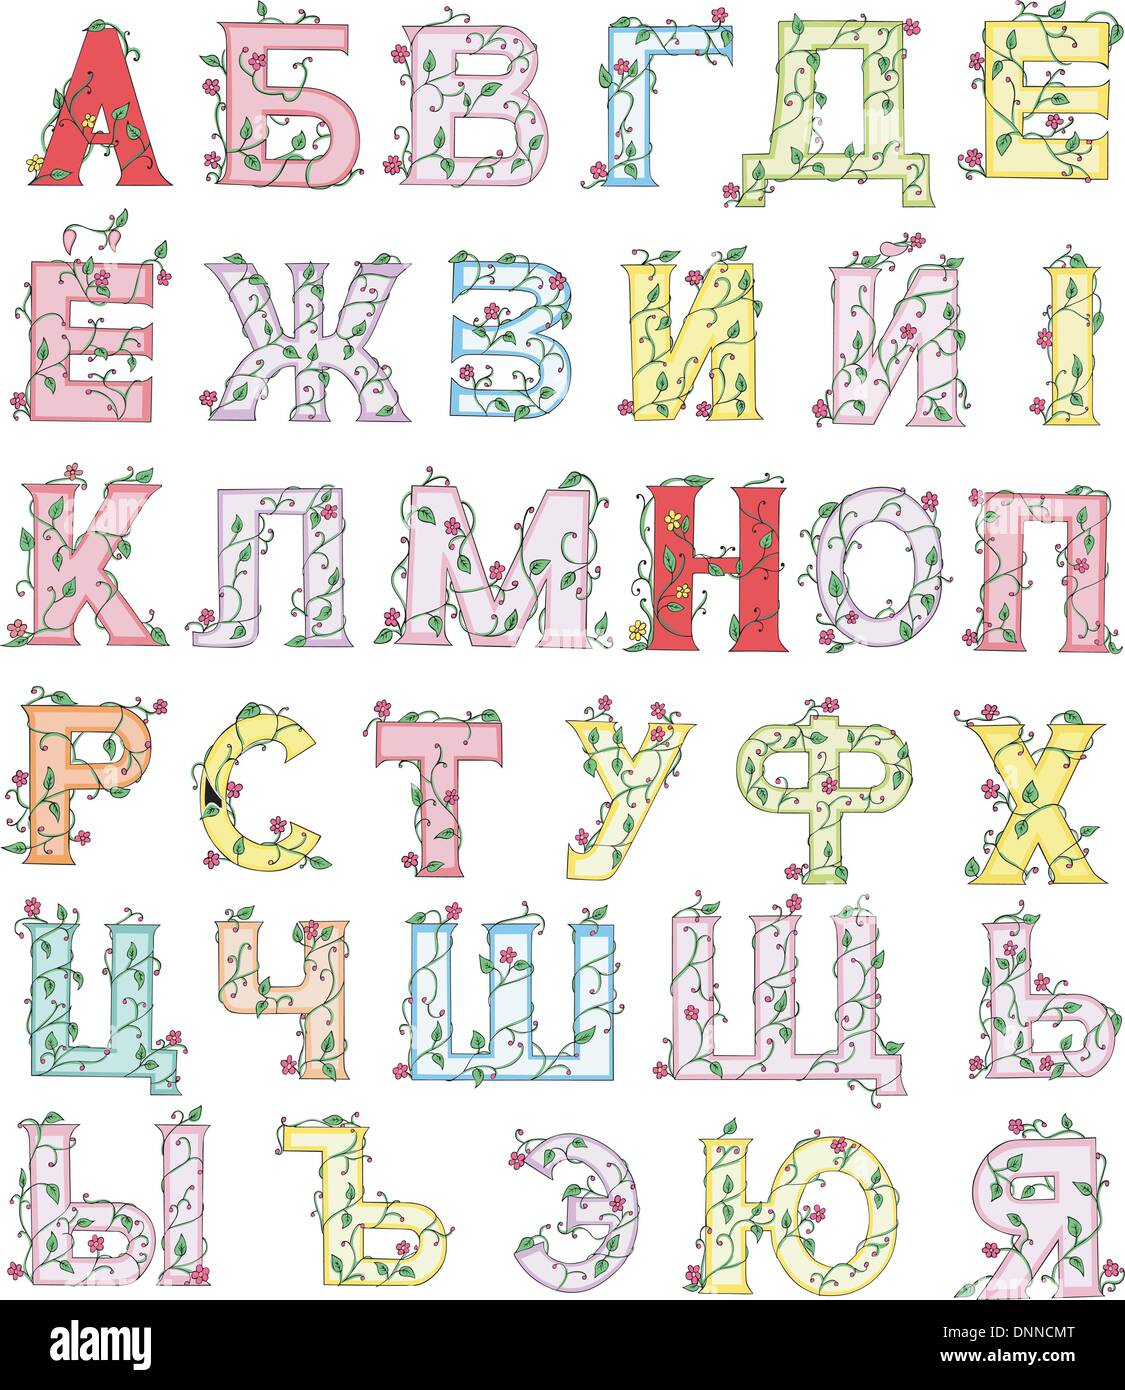 Floral Alphabet (Kyrillisch / russische). Reihe von bunten Vektor-Illustrationen. Stock Vektor